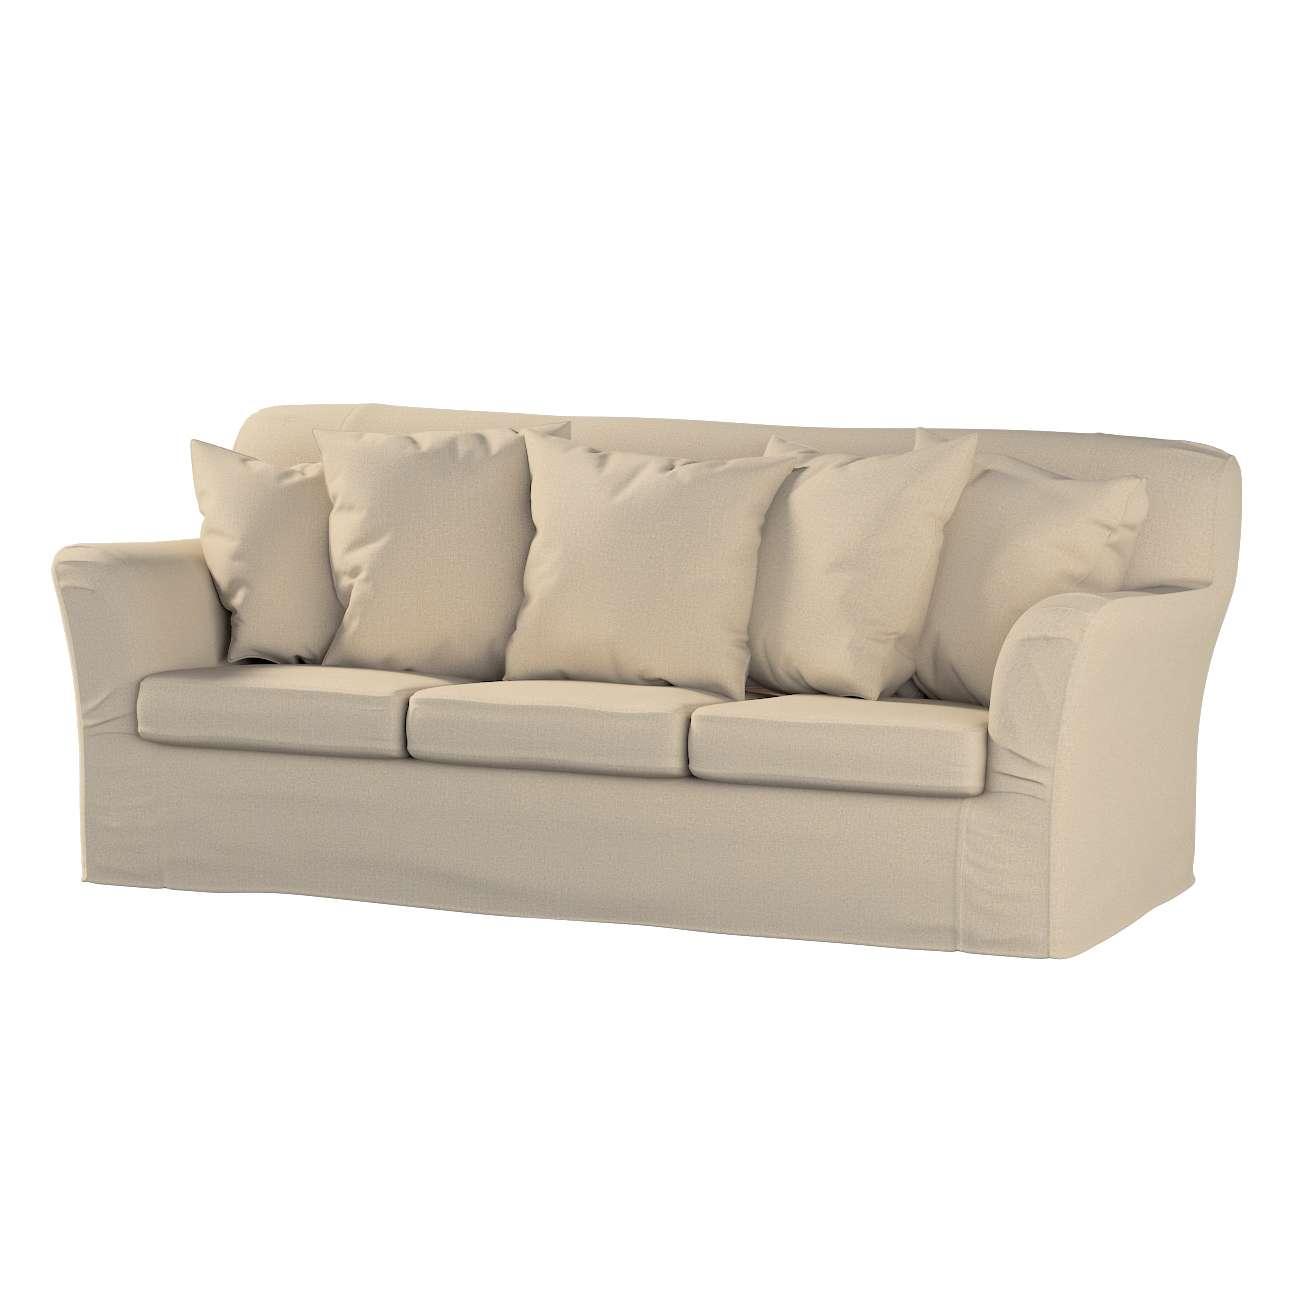 Pokrowiec na sofę Tomelilla 3-osobową nierozkładaną Sofa Tomelilla 3-osobowa w kolekcji Edinburgh, tkanina: 115-78